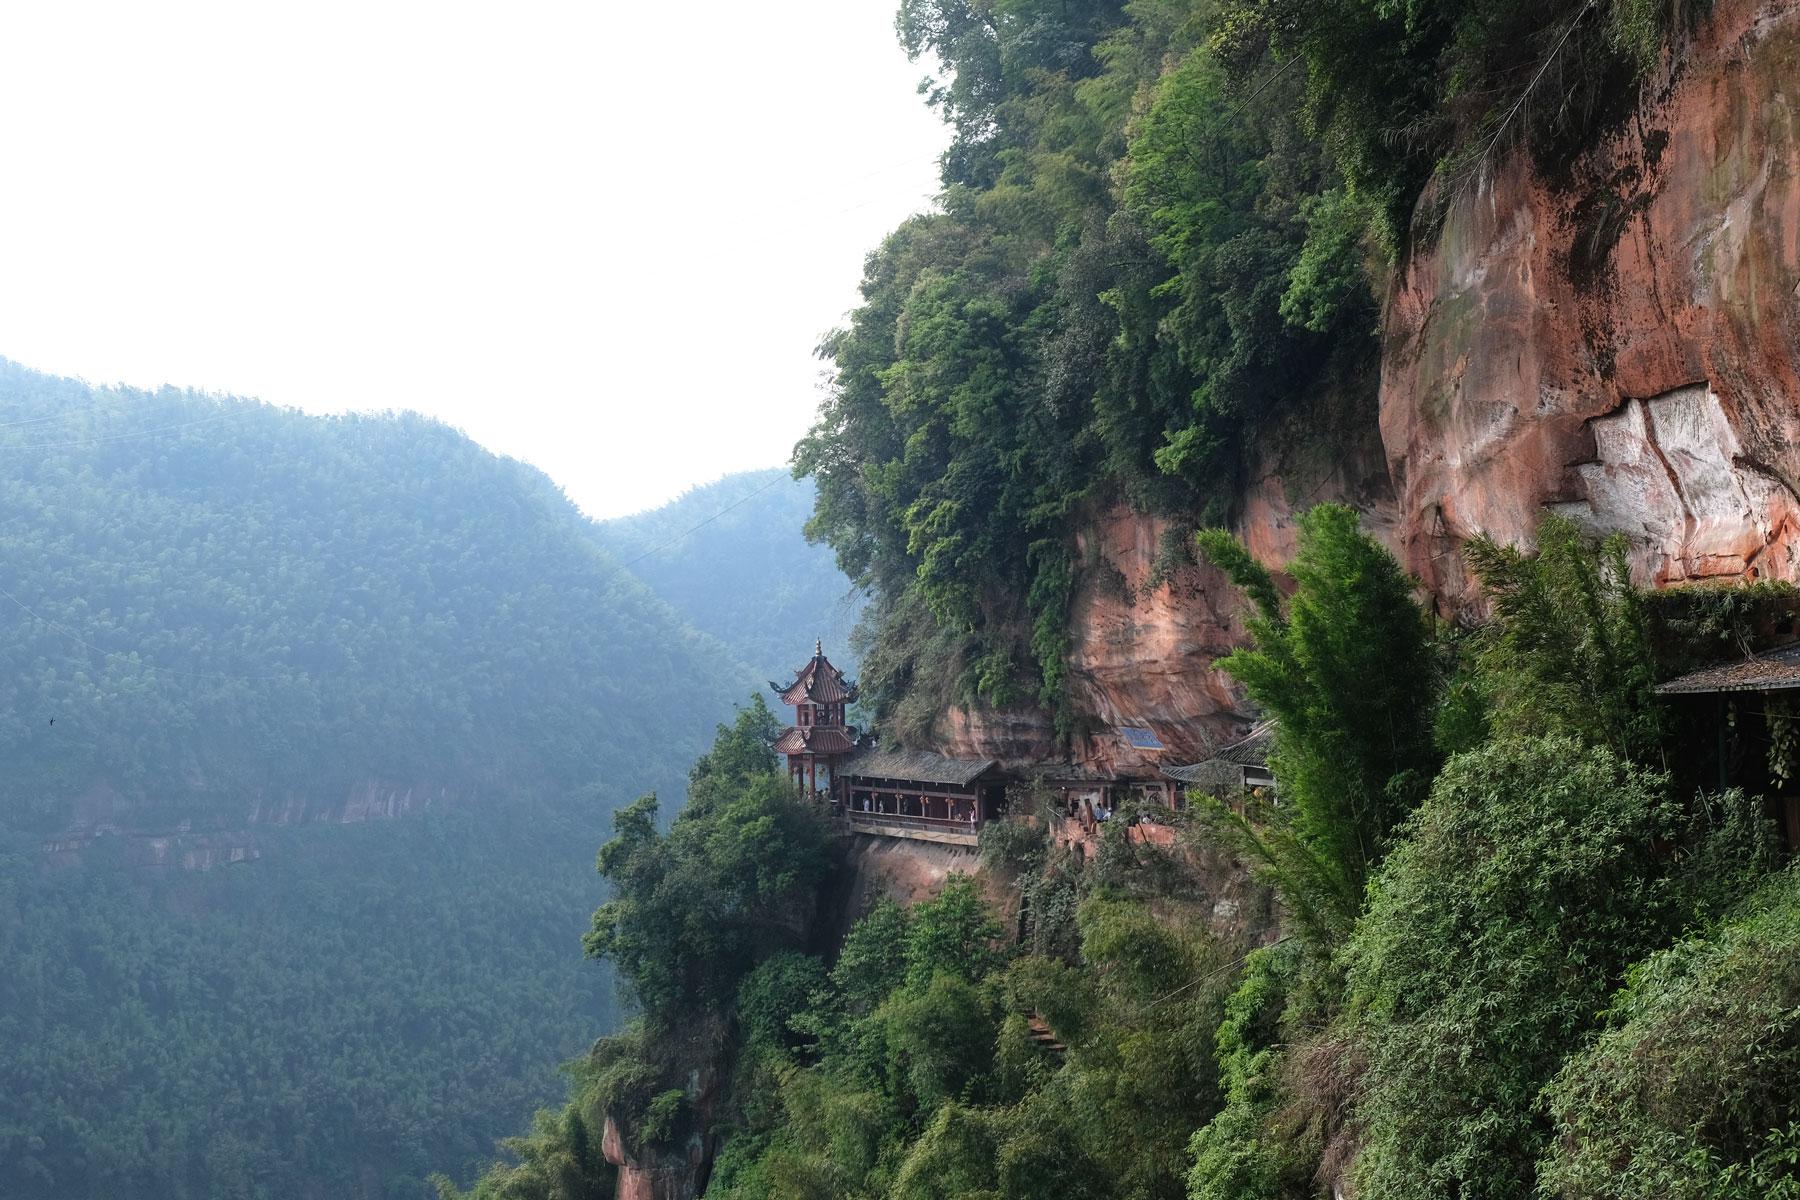 Ein chinesischer Tempel, der an die Felsen im Shunan Zhuhai Nationalpark gebaut wurde.